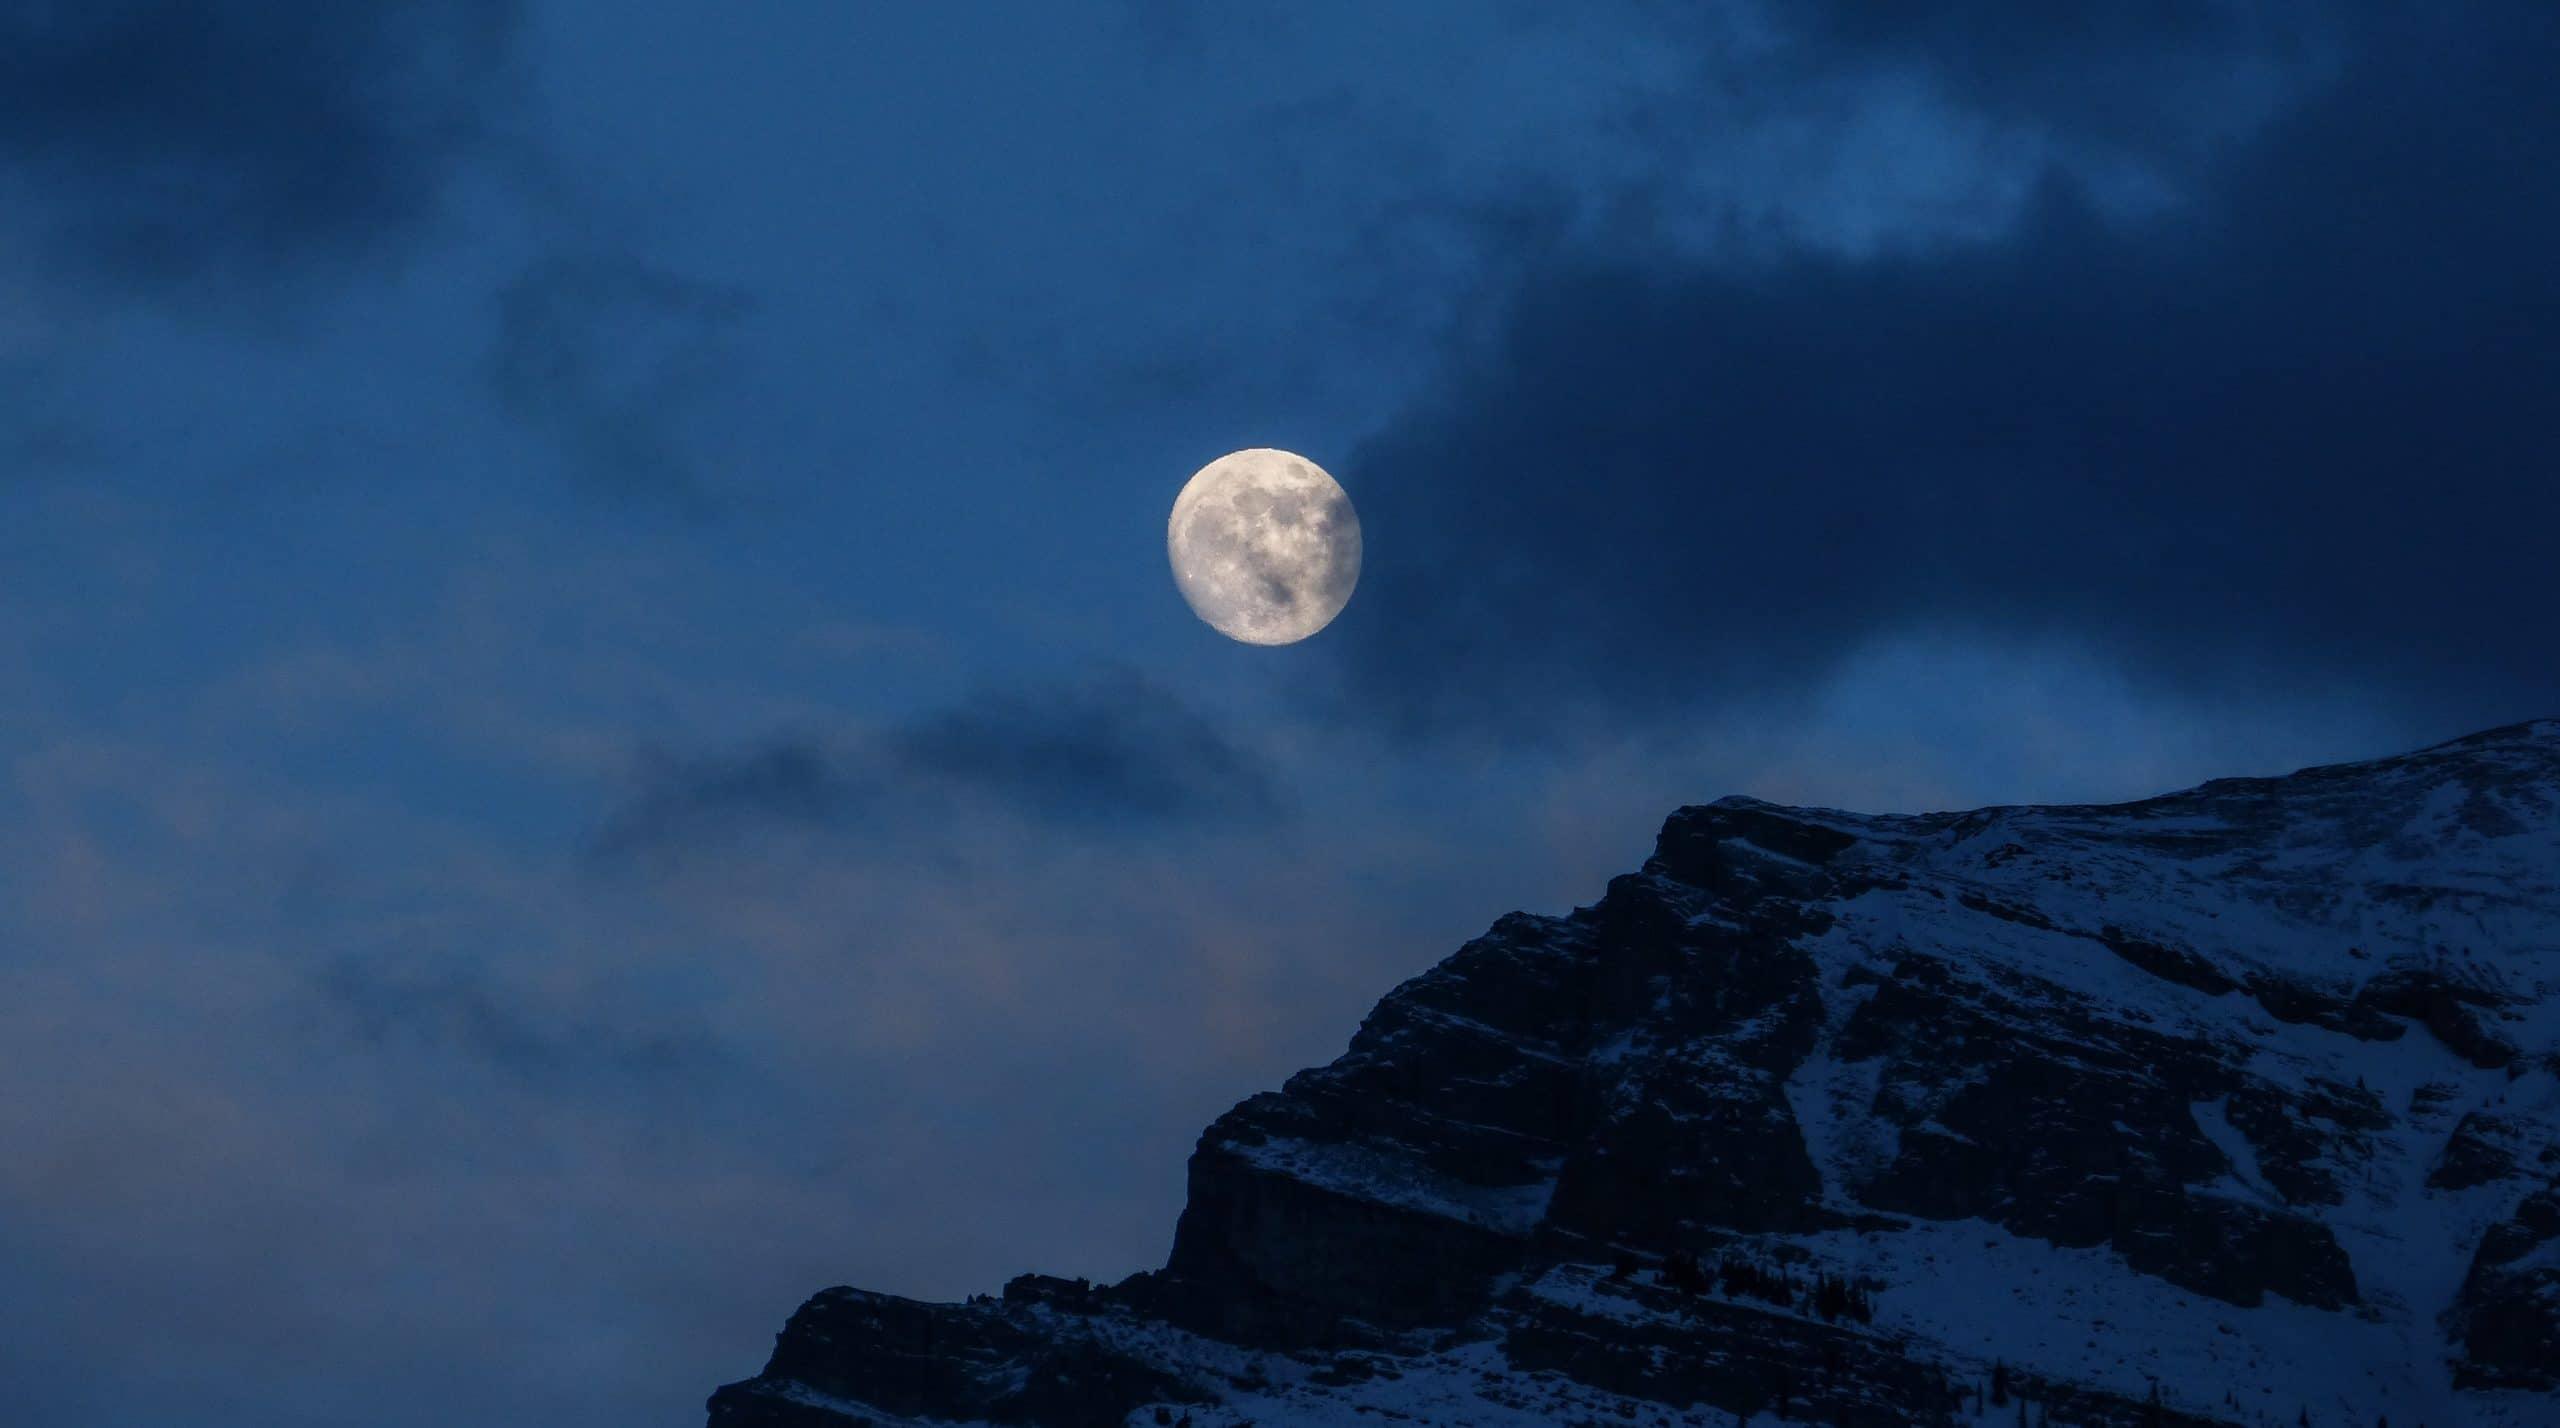 Lua cheia no topo de uma montanha nevada.